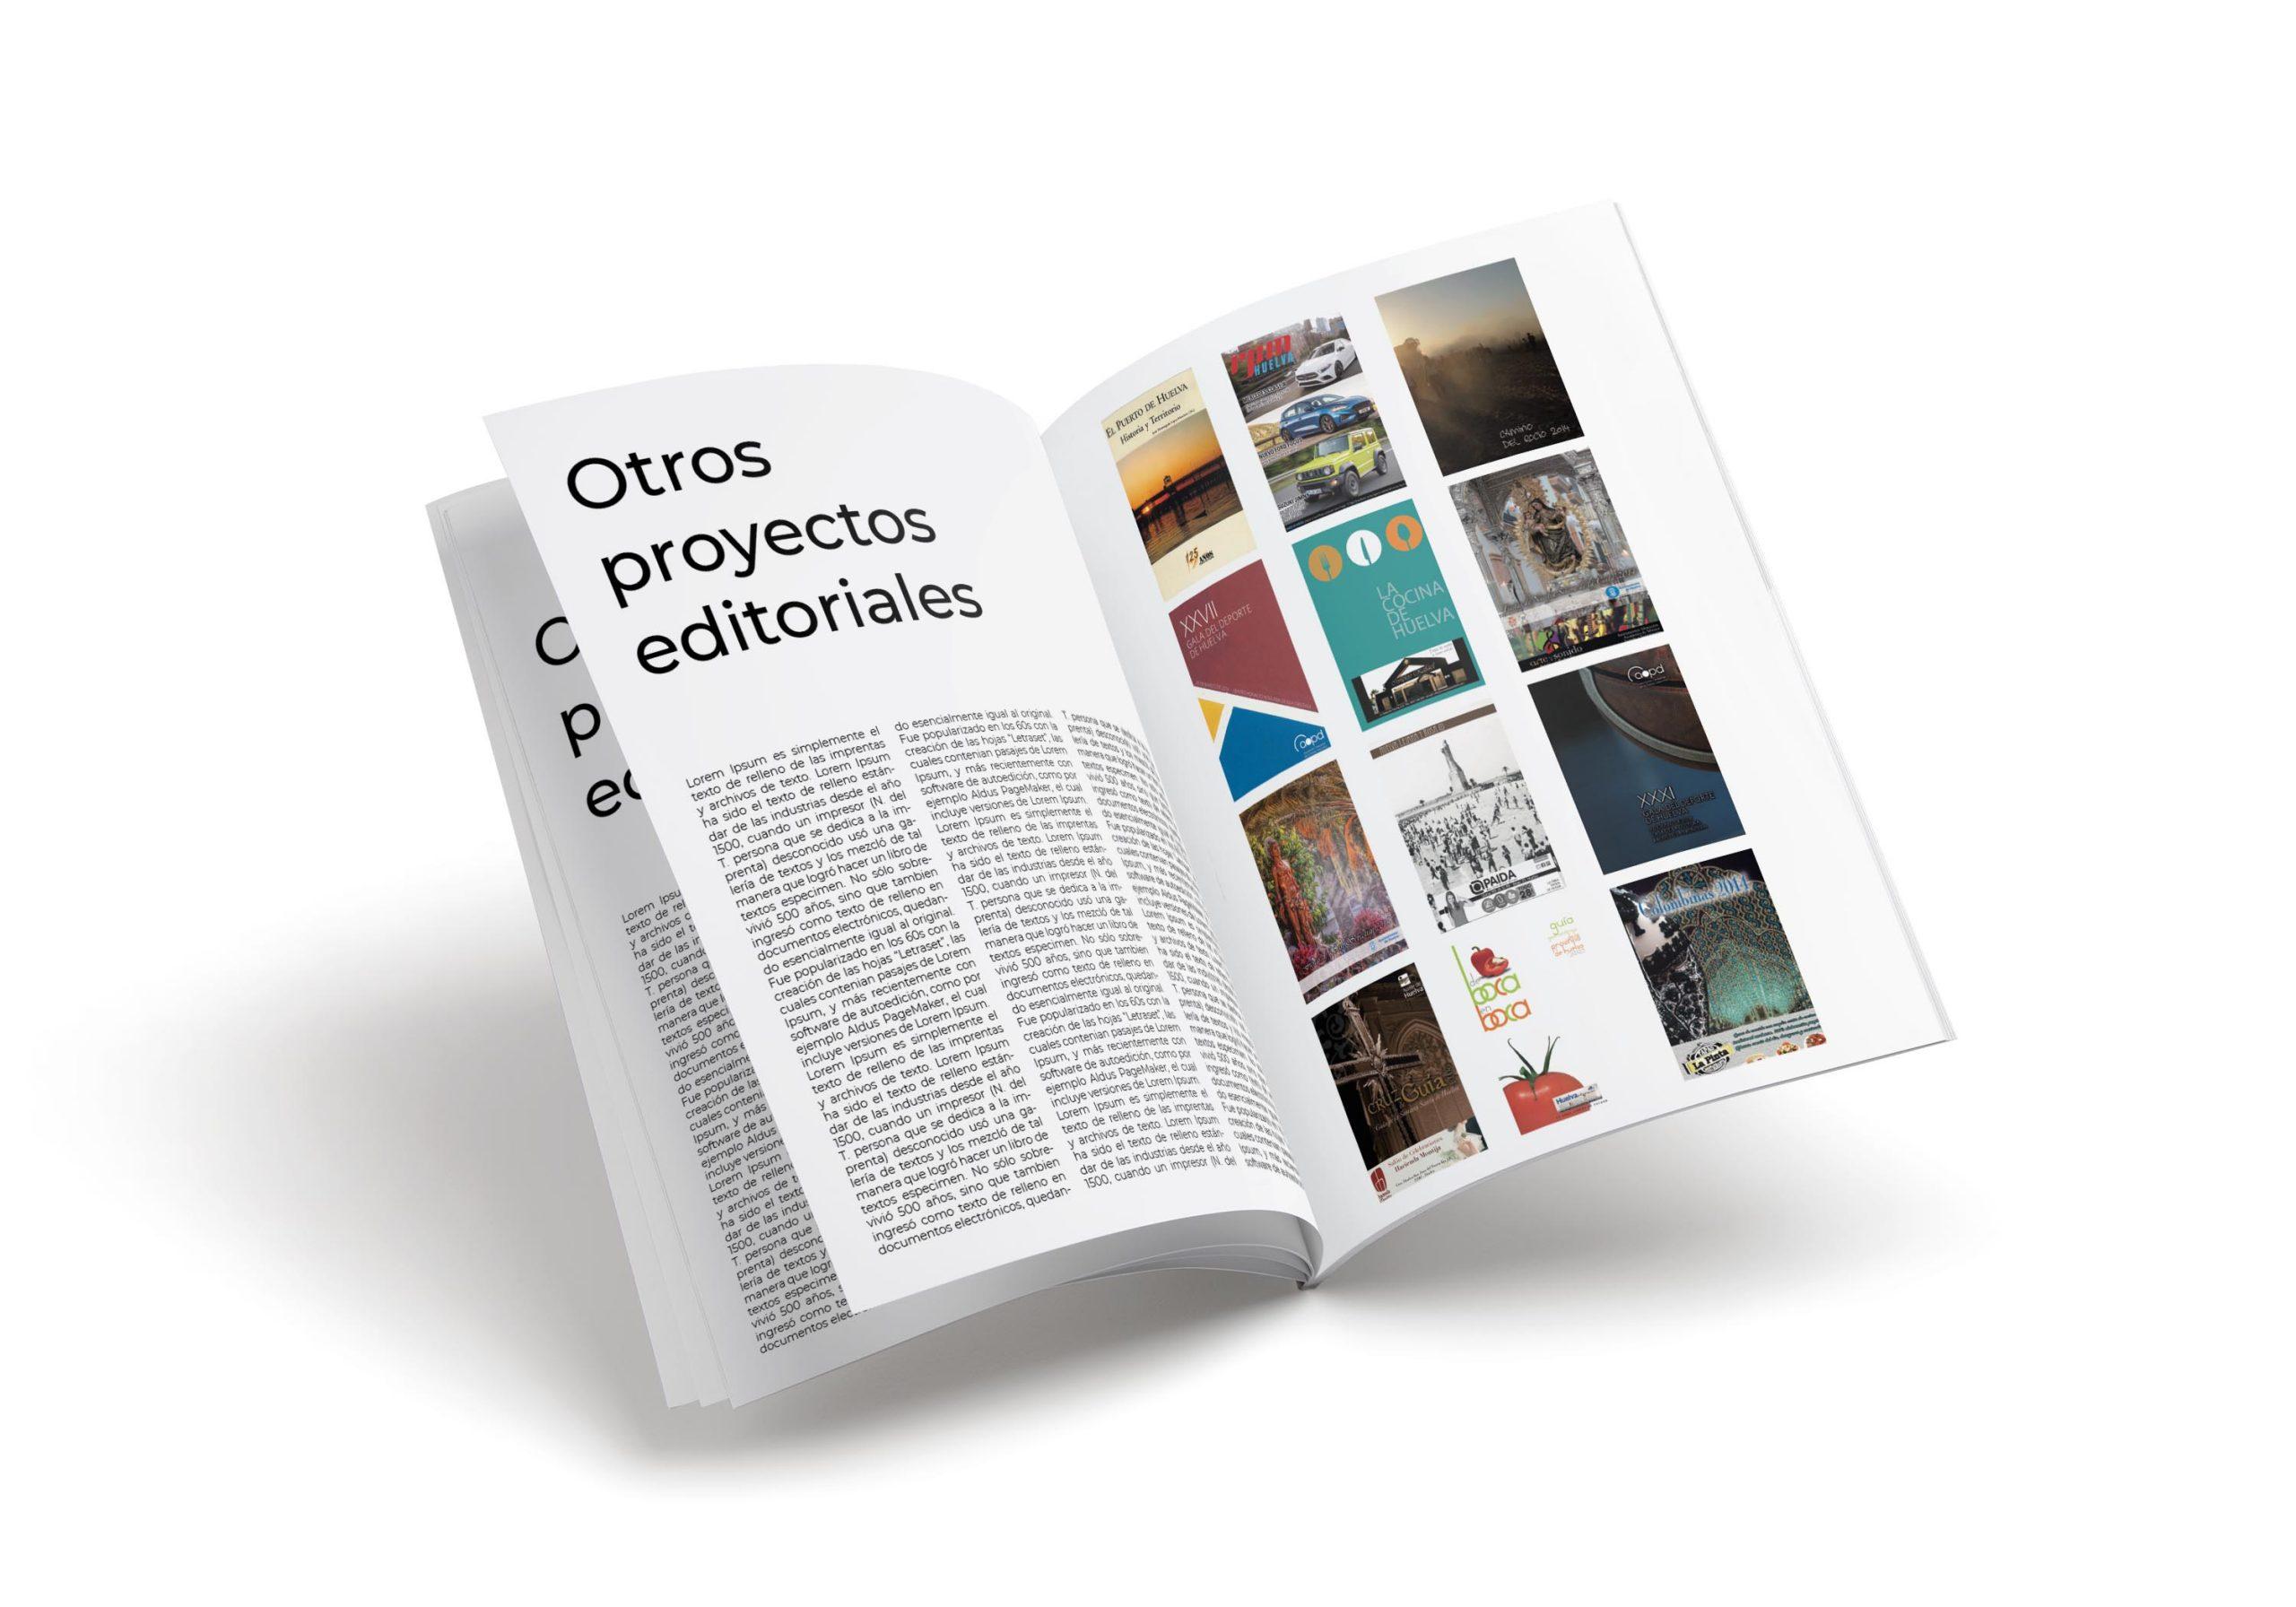 Otros proyectos editoriales realizados por dona vazquez